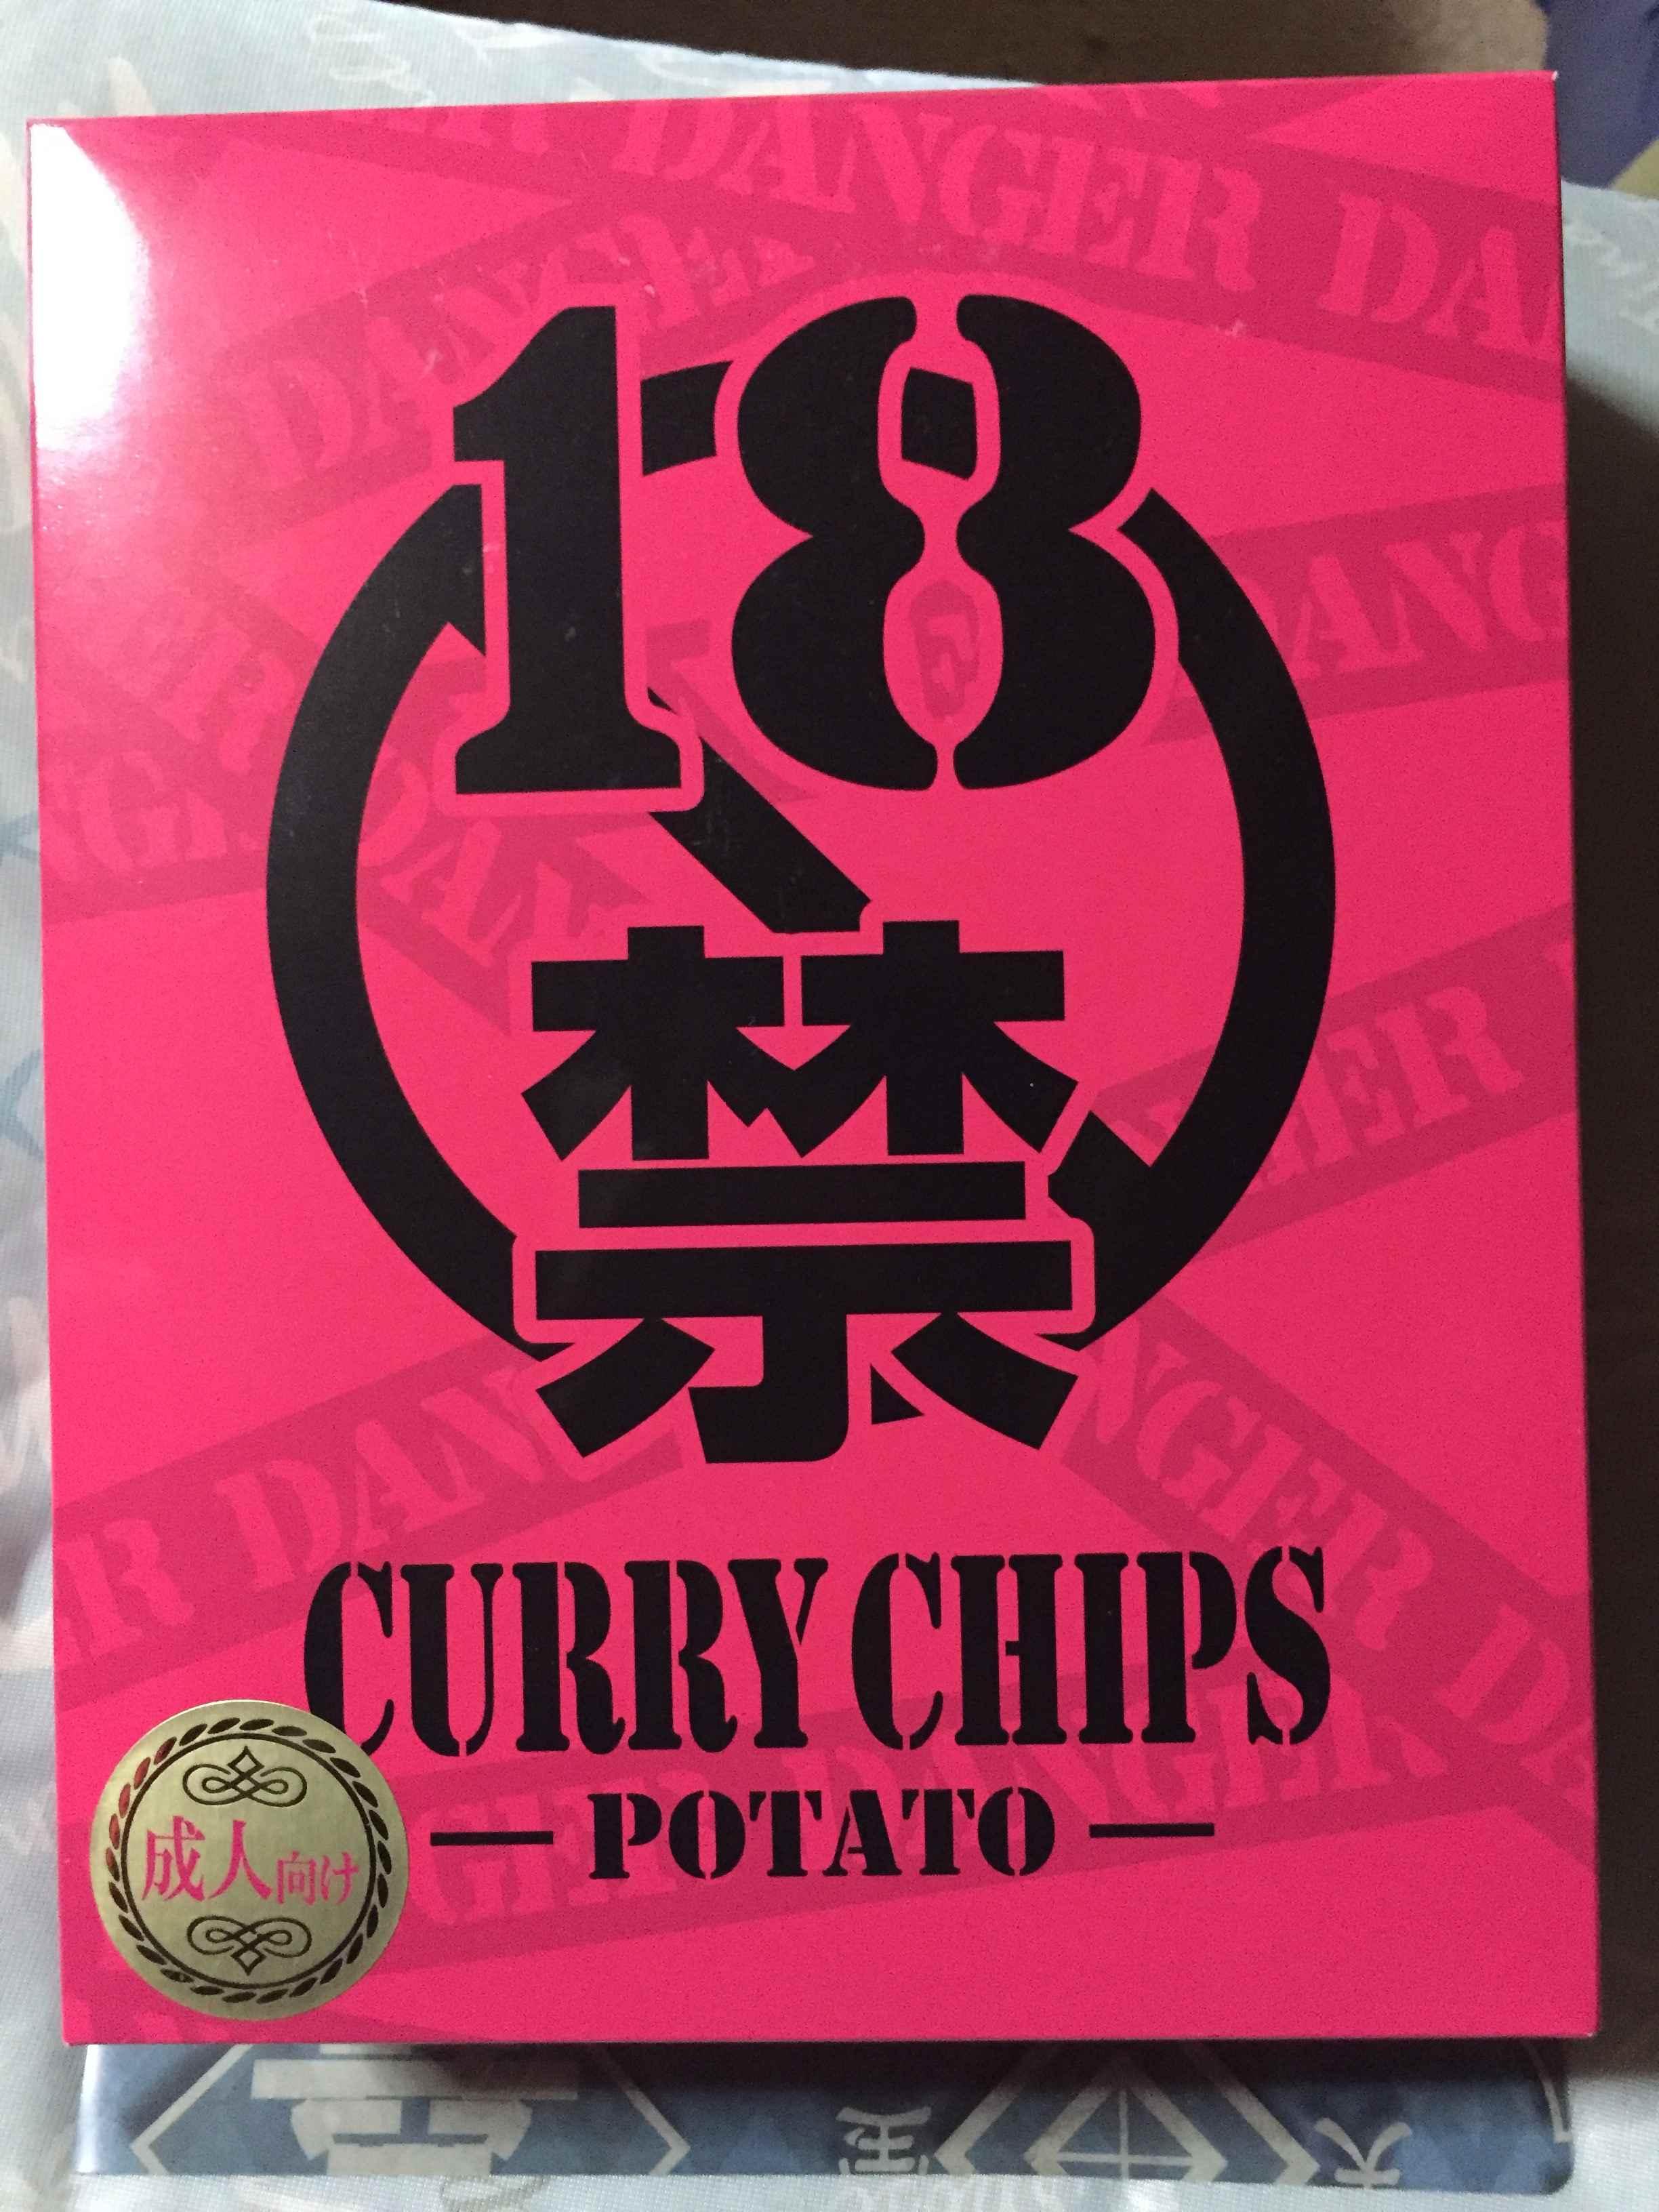 18禁ポテトチップスをGETしてきたので食う